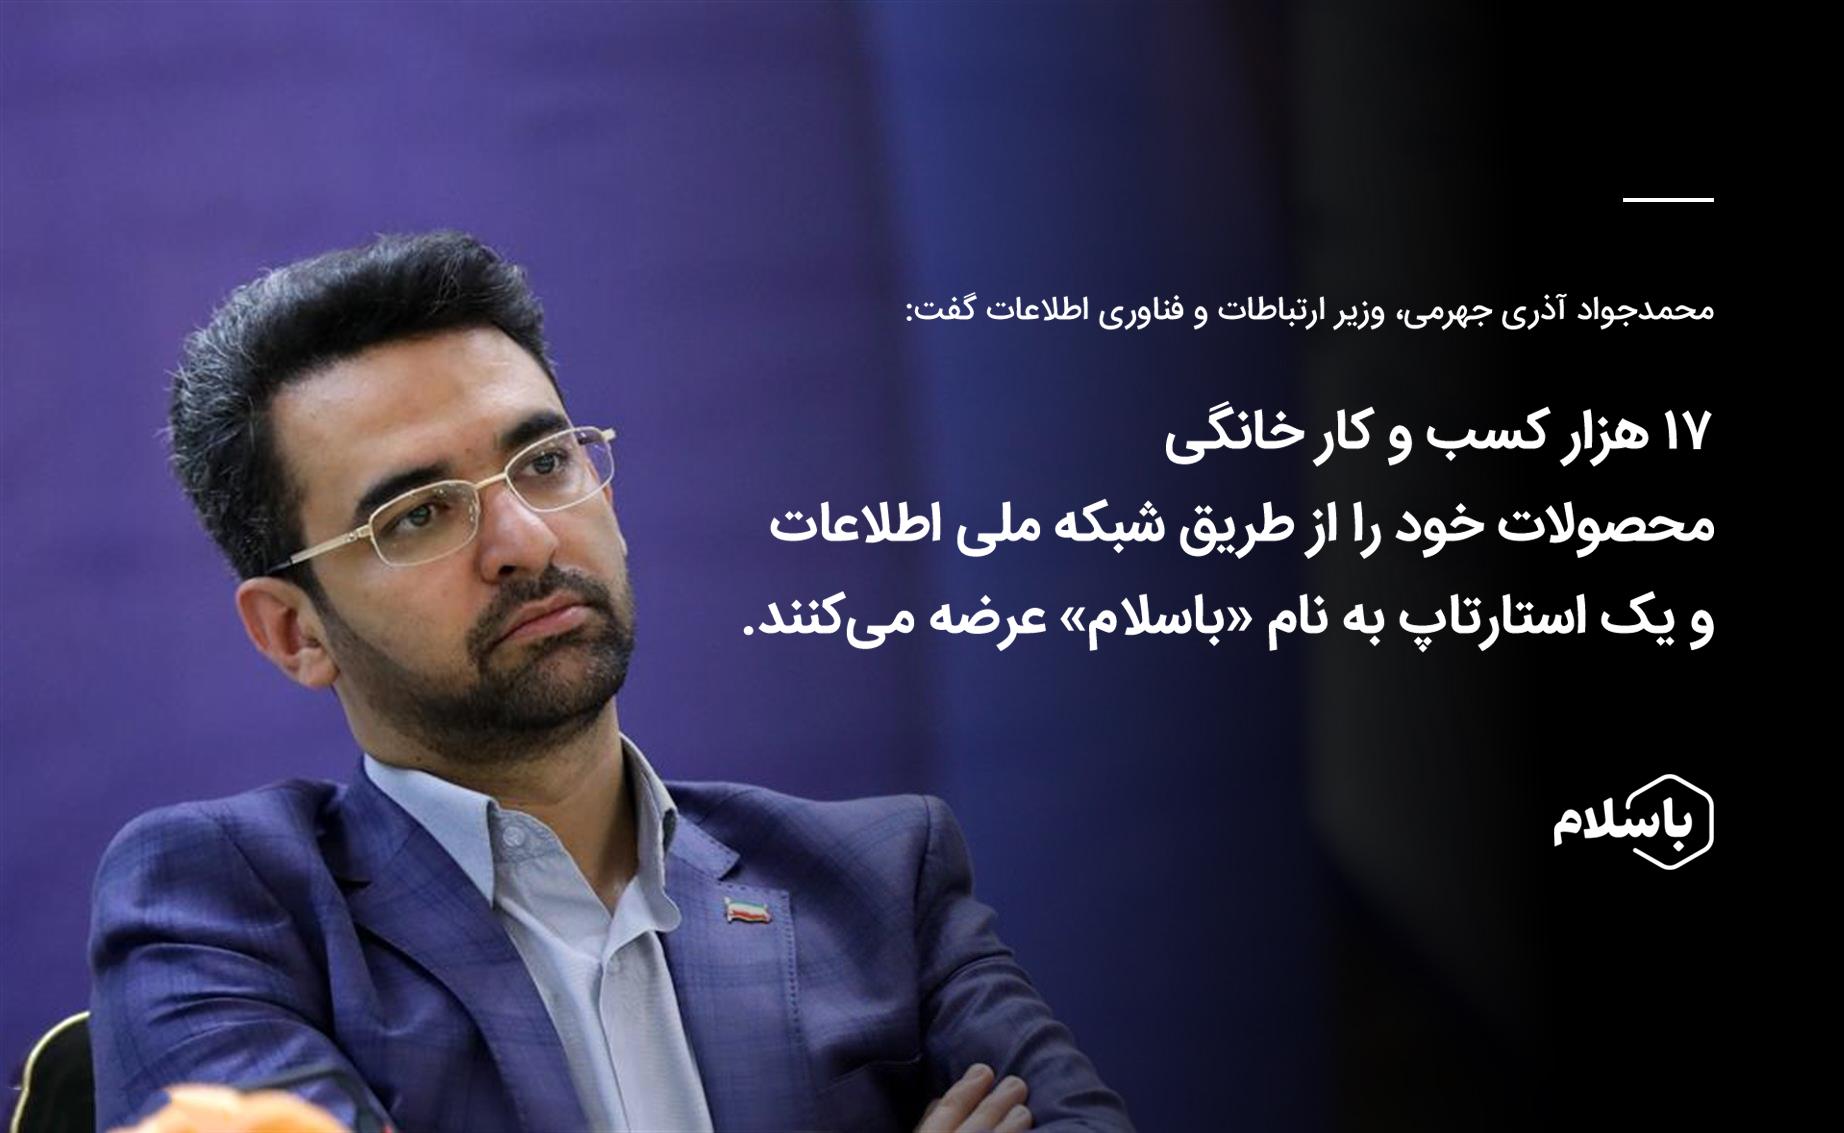 آذری جهرمی گفت: 17000 کسب و کار با کمک «باسلام» و شبکه ملی اطلاعات ایجاد شده است.